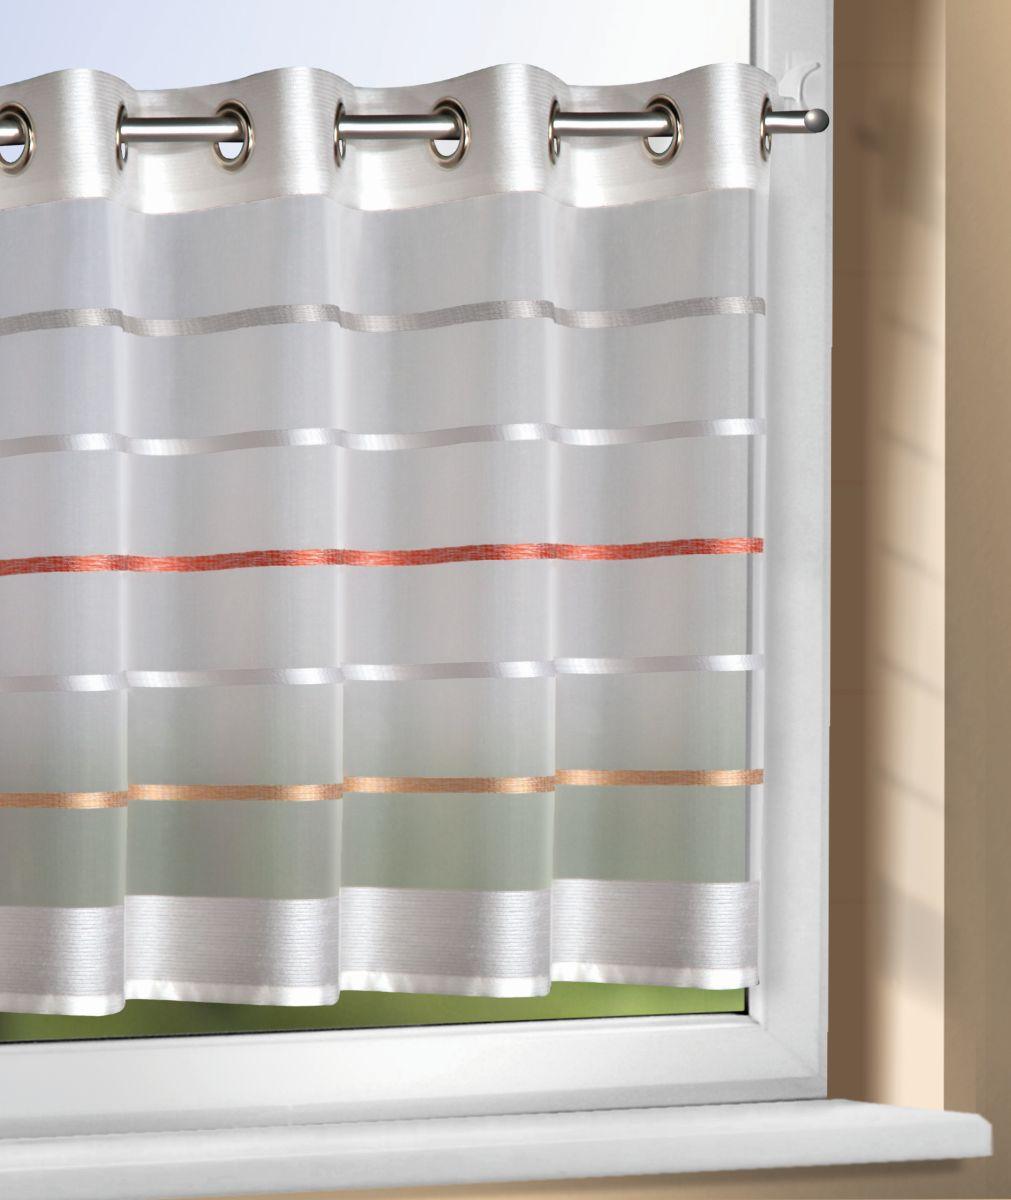 Full Size of Küchengardinen Ikea Kchengardinen Mit Sen Gardinen Outlet Wohnzimmer Sofa Schlaffunktion Modulküche Küche Kosten Kaufen Miniküche Betten 160x200 Bei Wohnzimmer Küchengardinen Ikea